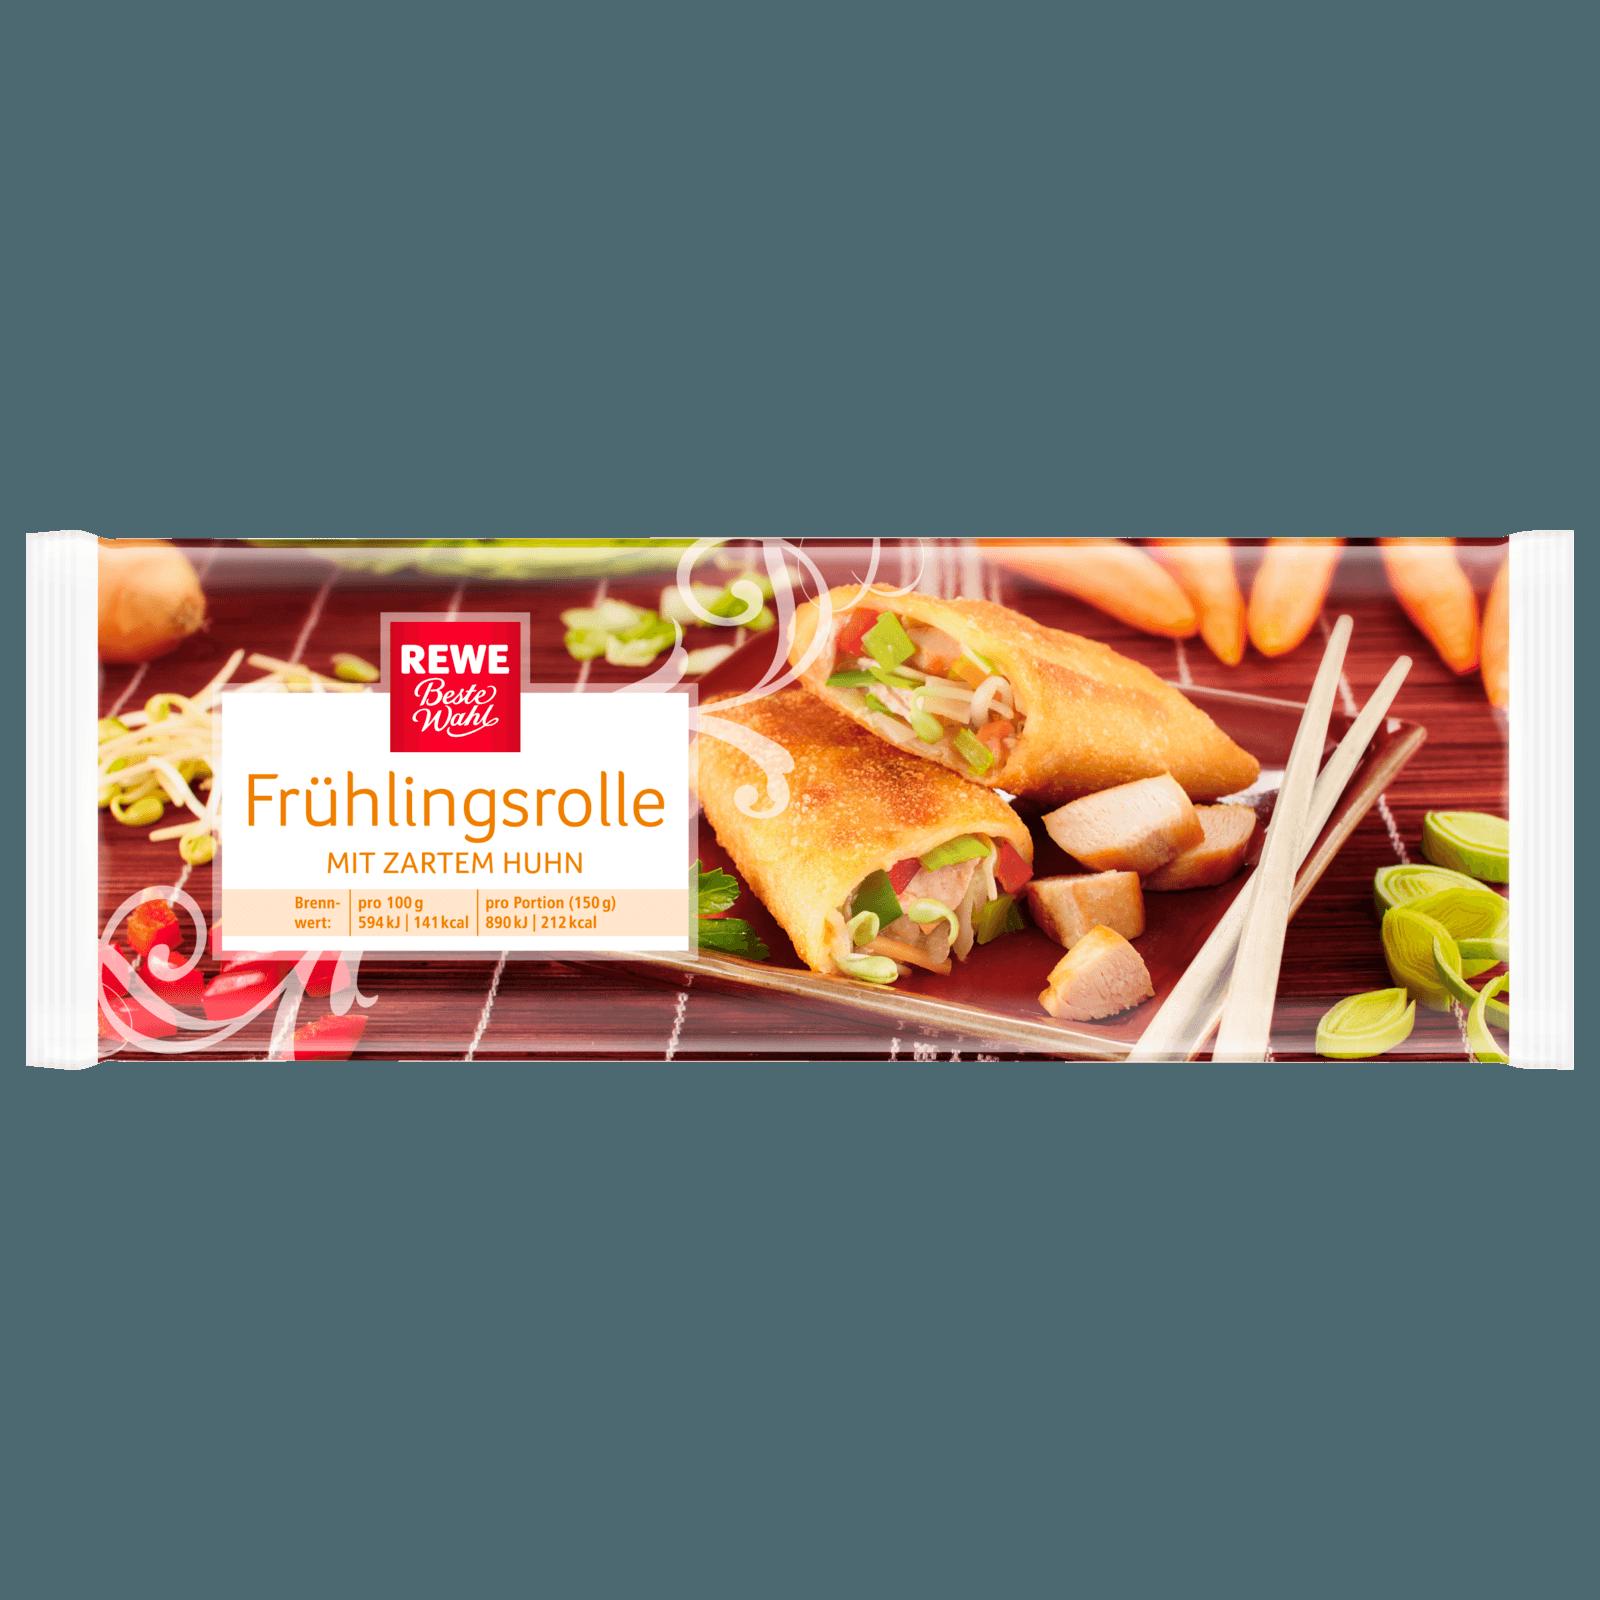 REWE Beste Wahl Frühlingsrolle mit zartem Huhn 150g